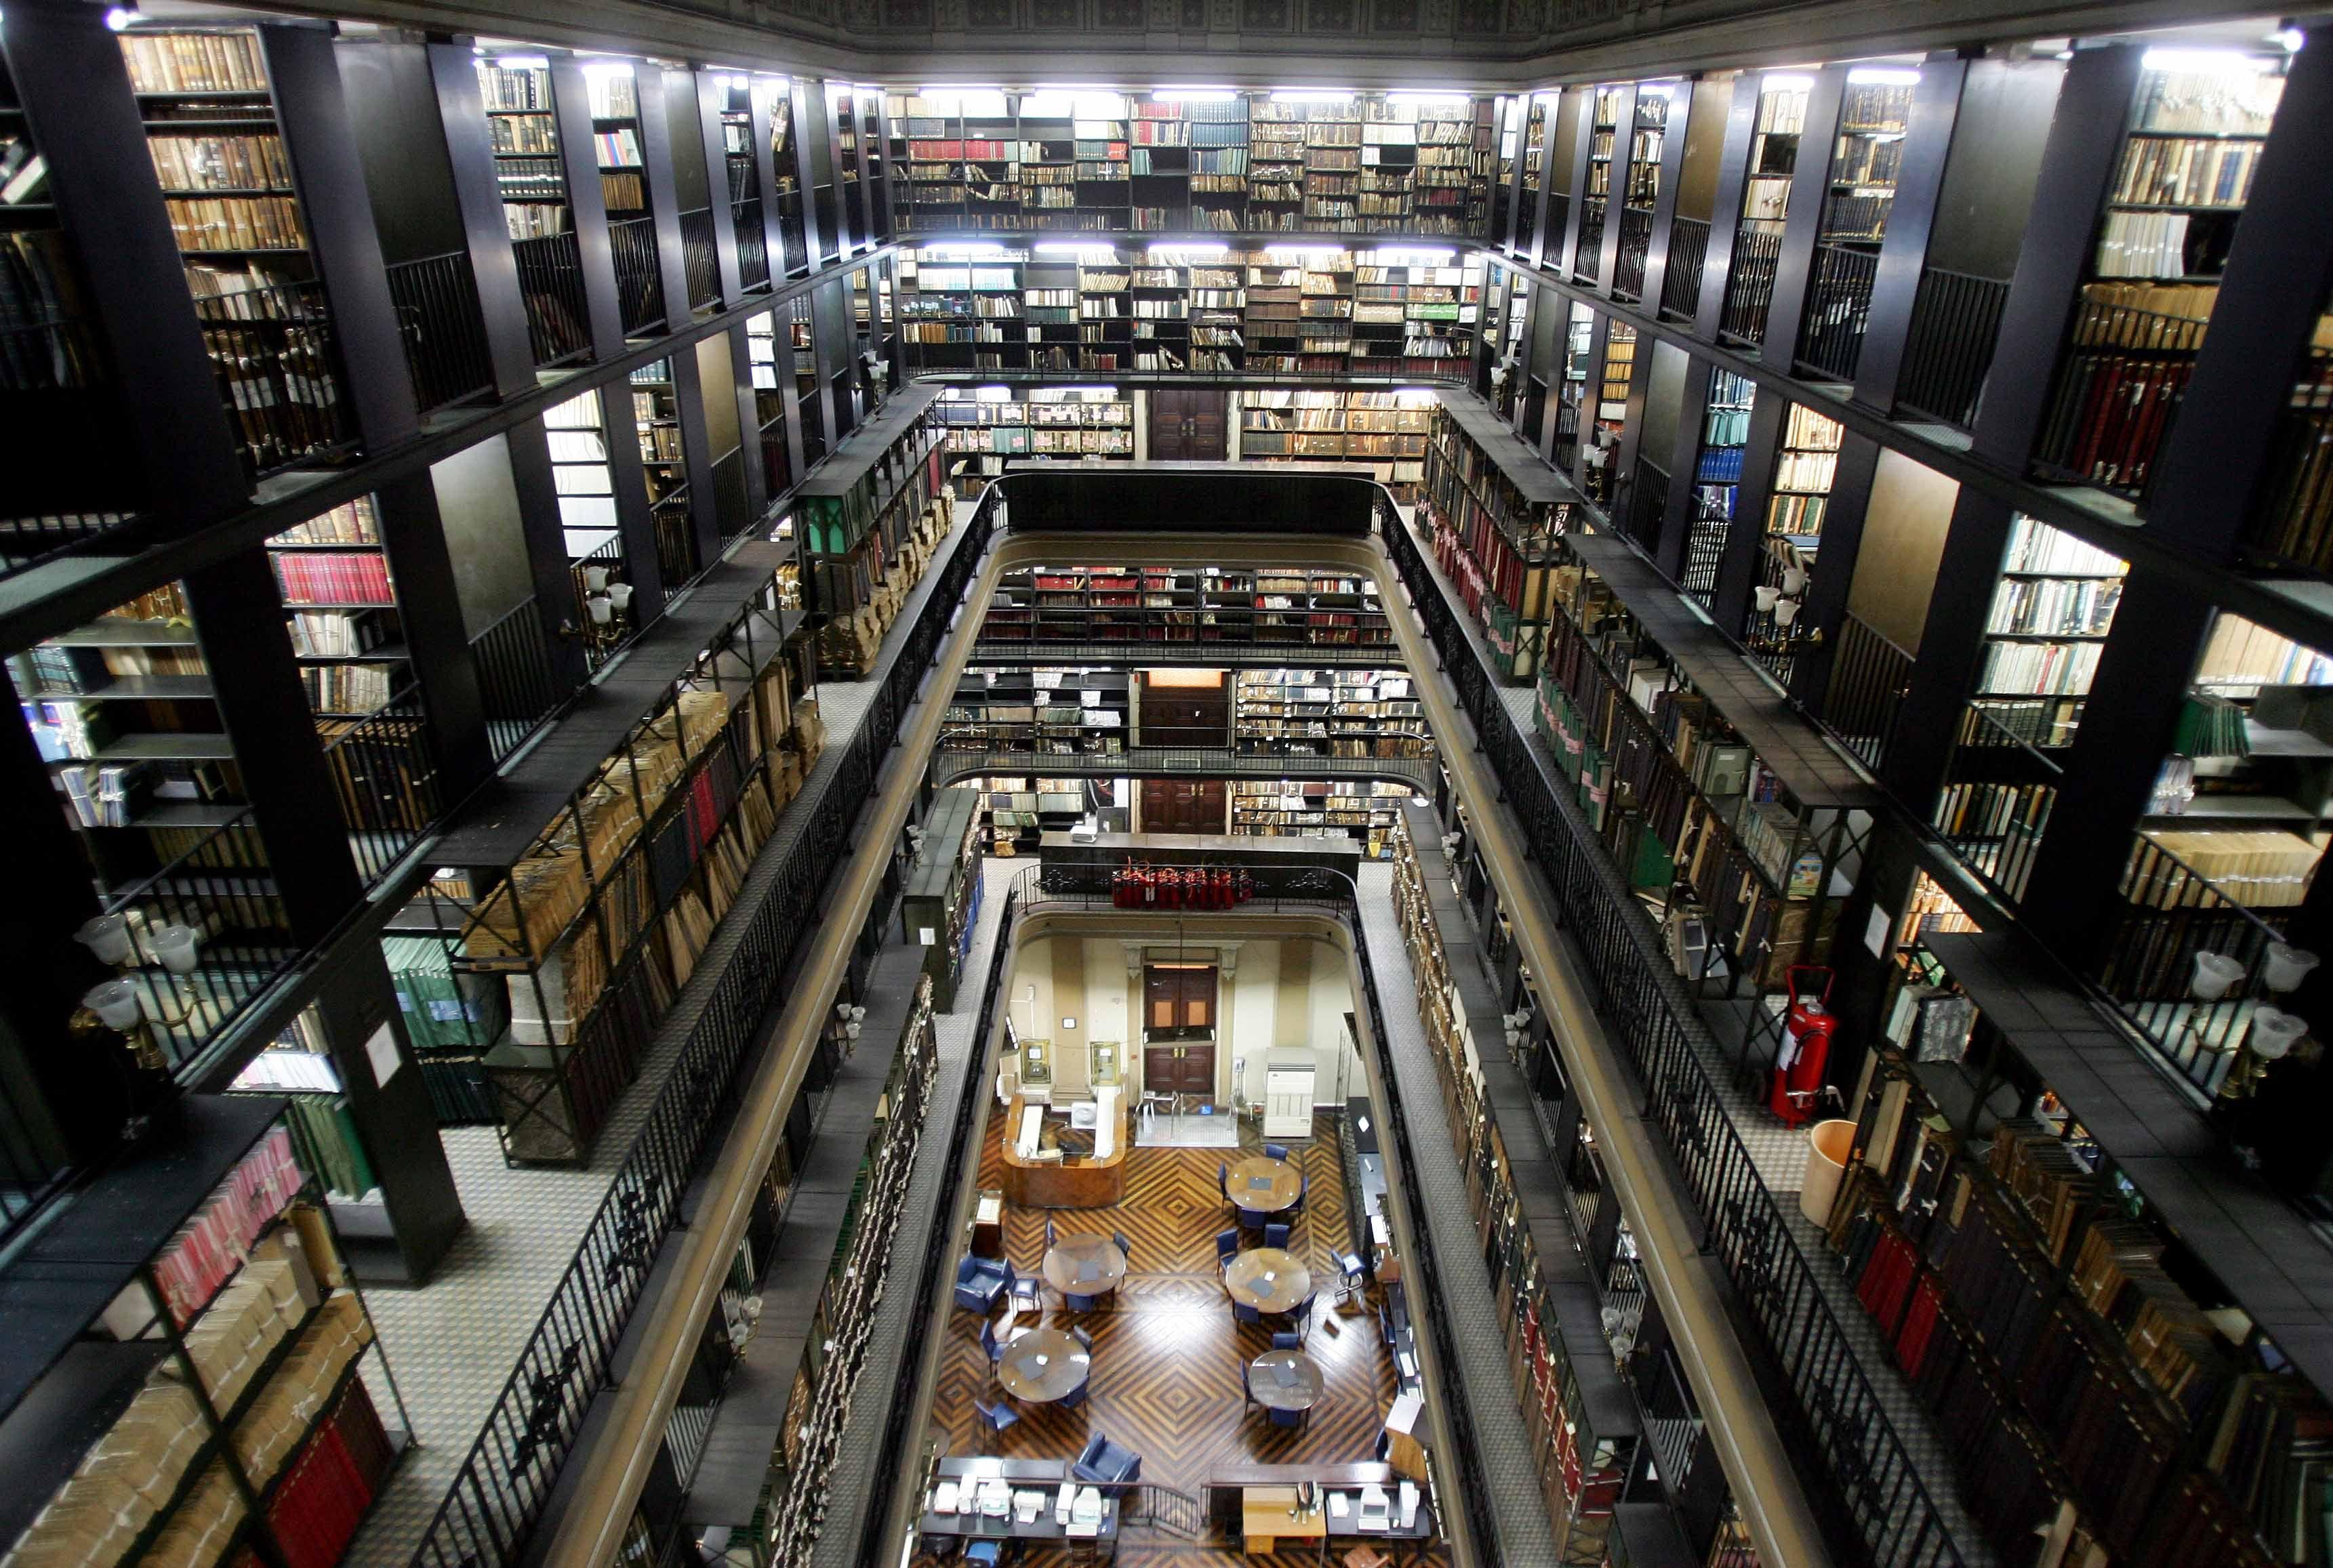 Αποτέλεσμα εικόνας για national library of brazil